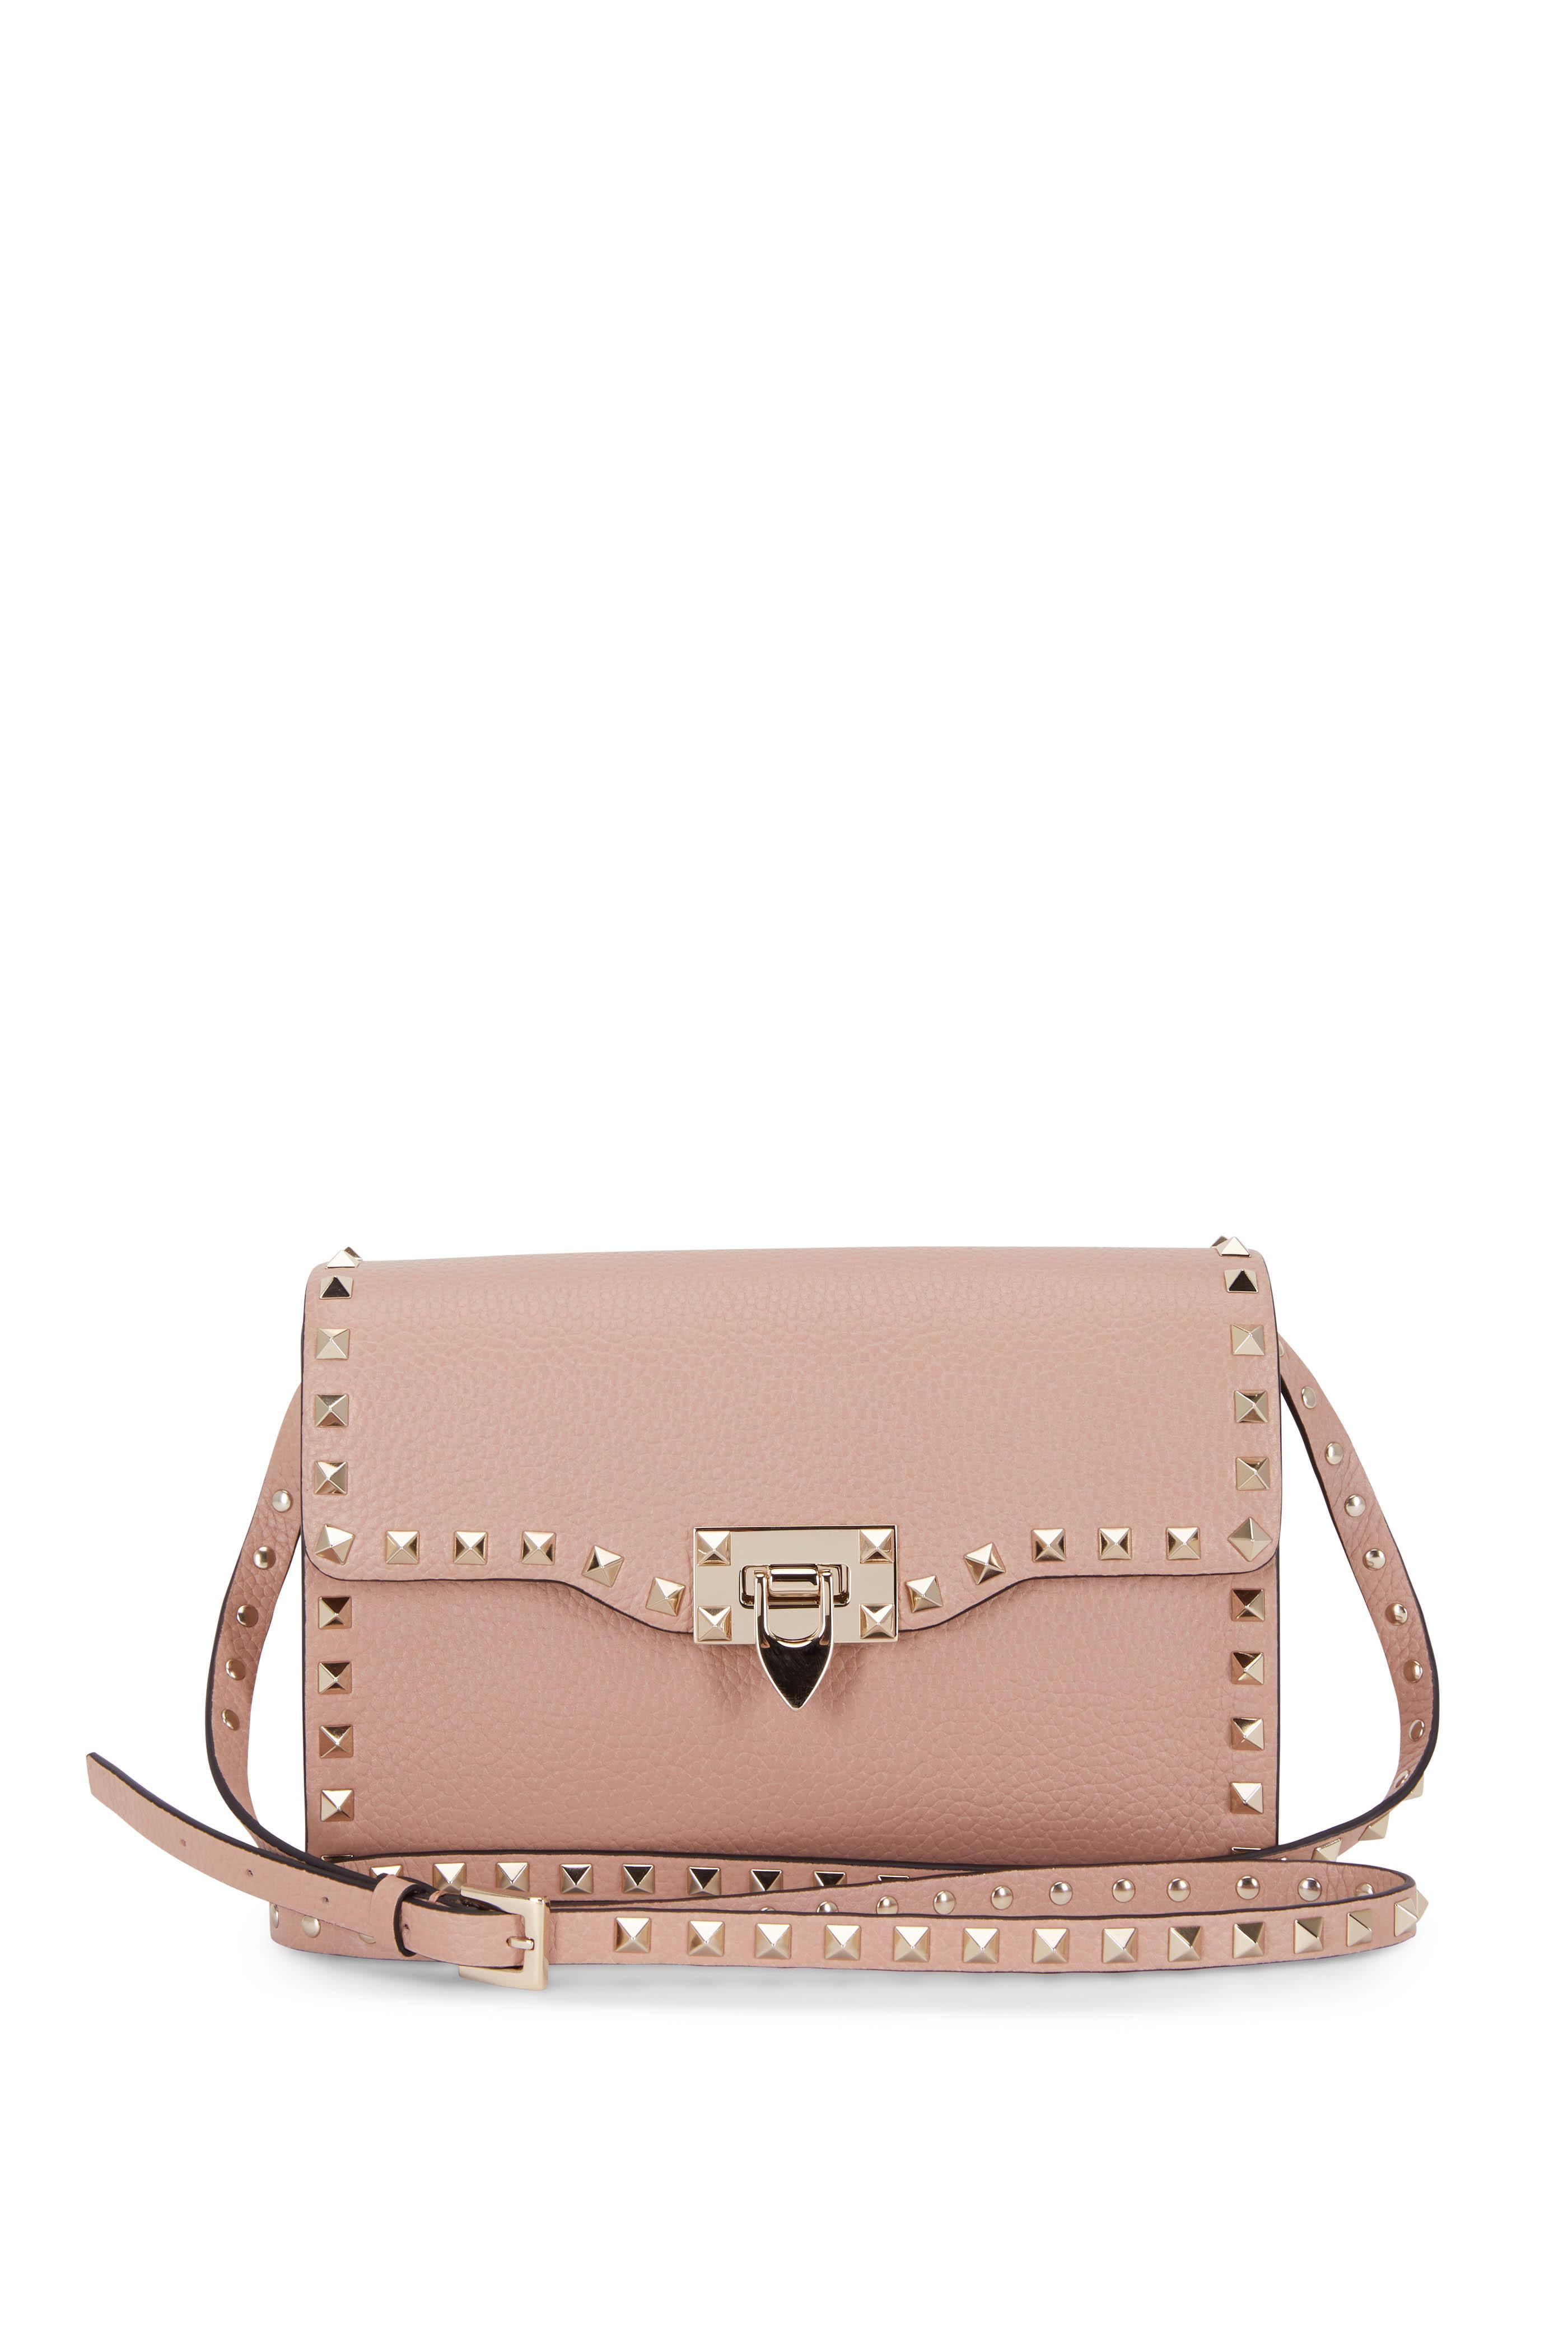 68527f6e12 Valentino Garavani - Rockstud Rose Pebbled Leather Shoulder Bag ...